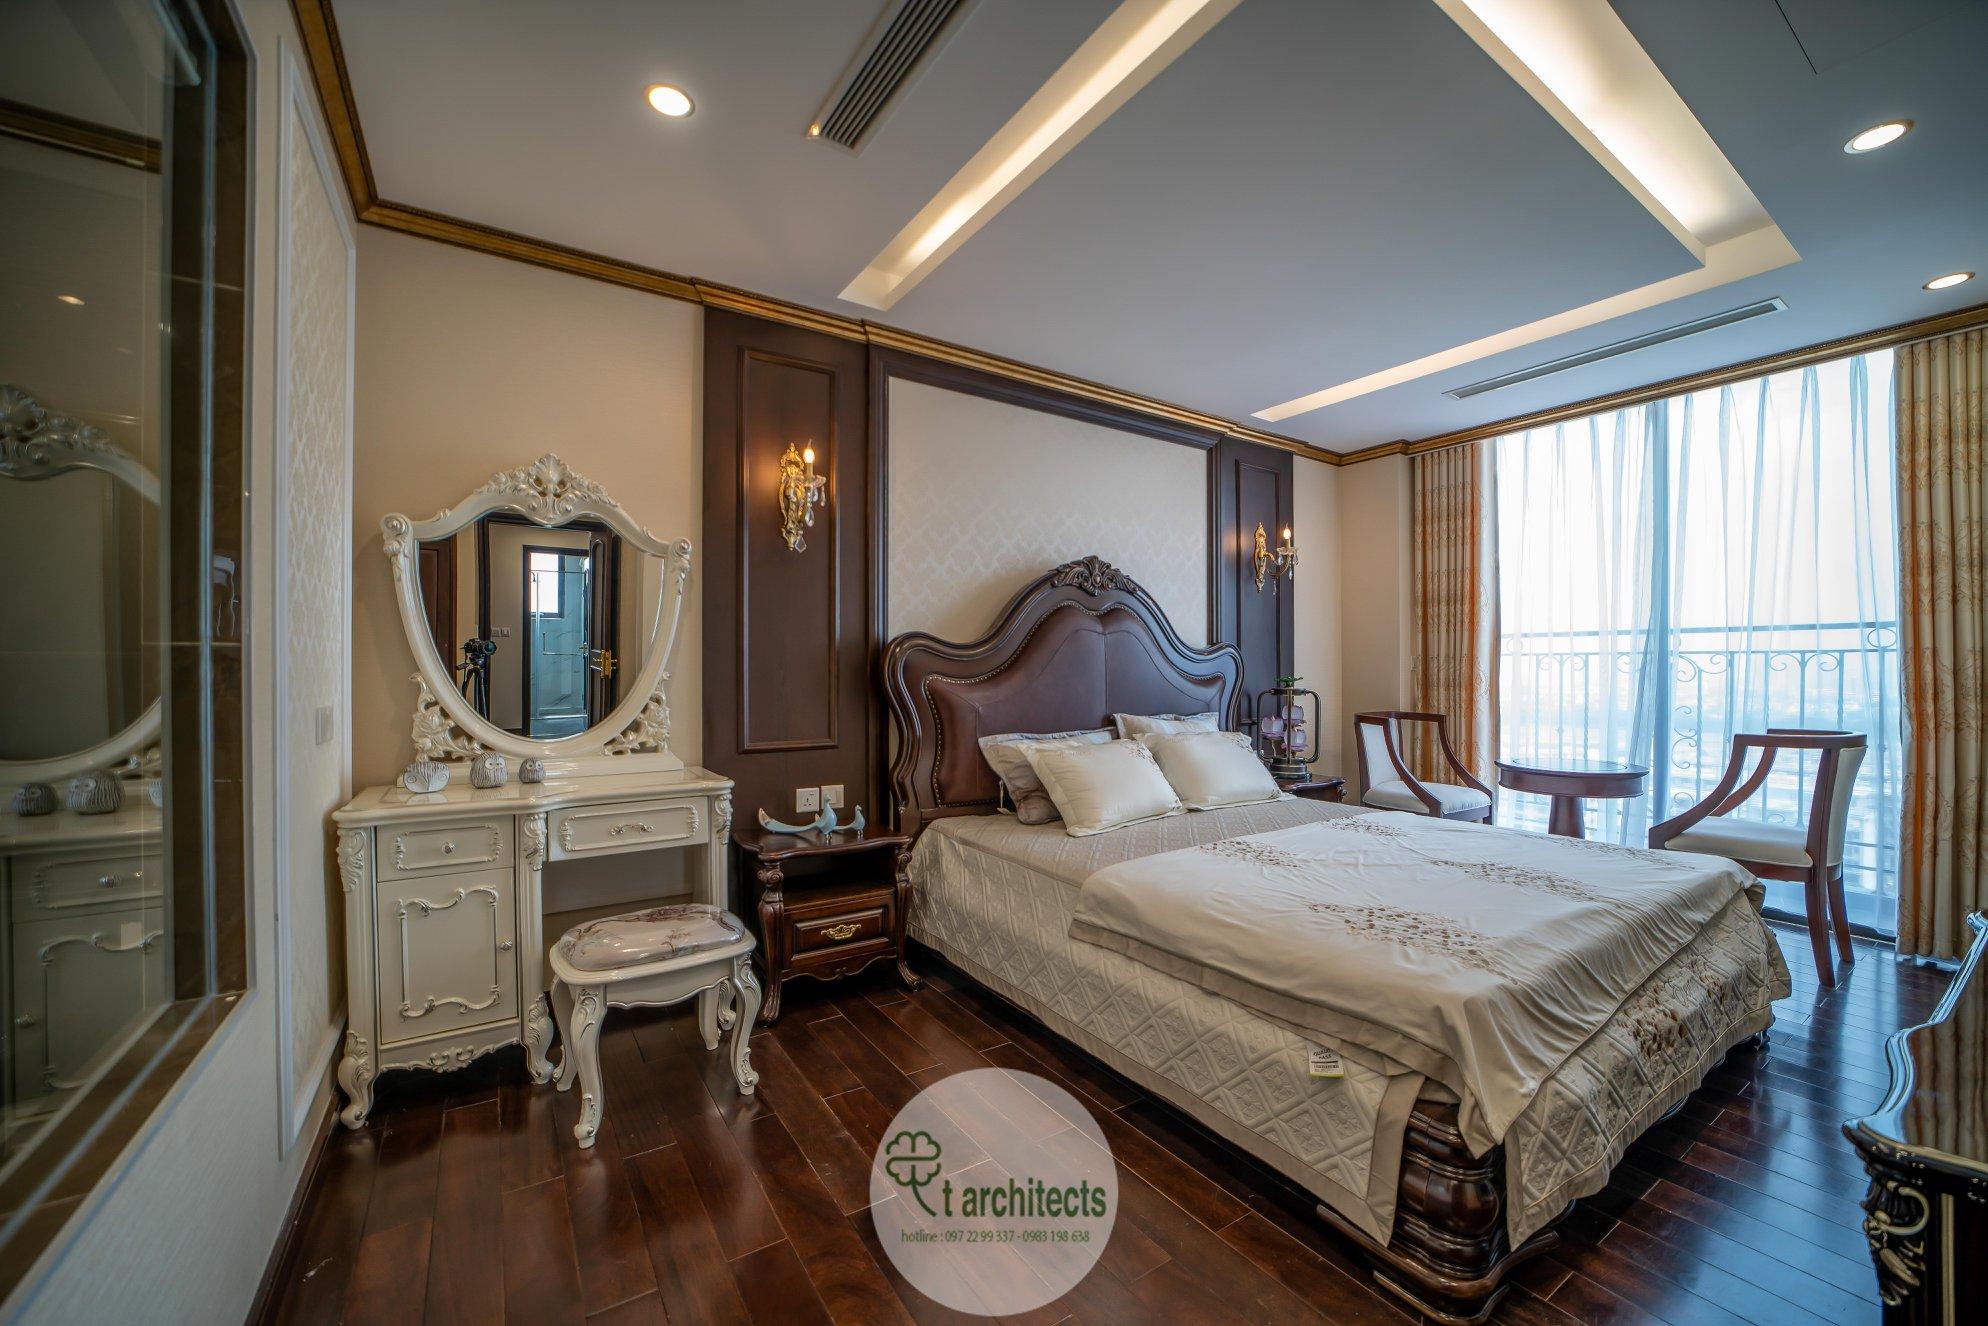 Thiết kế nội thất Chung Cư tại Hà Nội Thiết kế 6 căn hộ mẫu chung cư HC GOLDEN CITY 1589766599 22